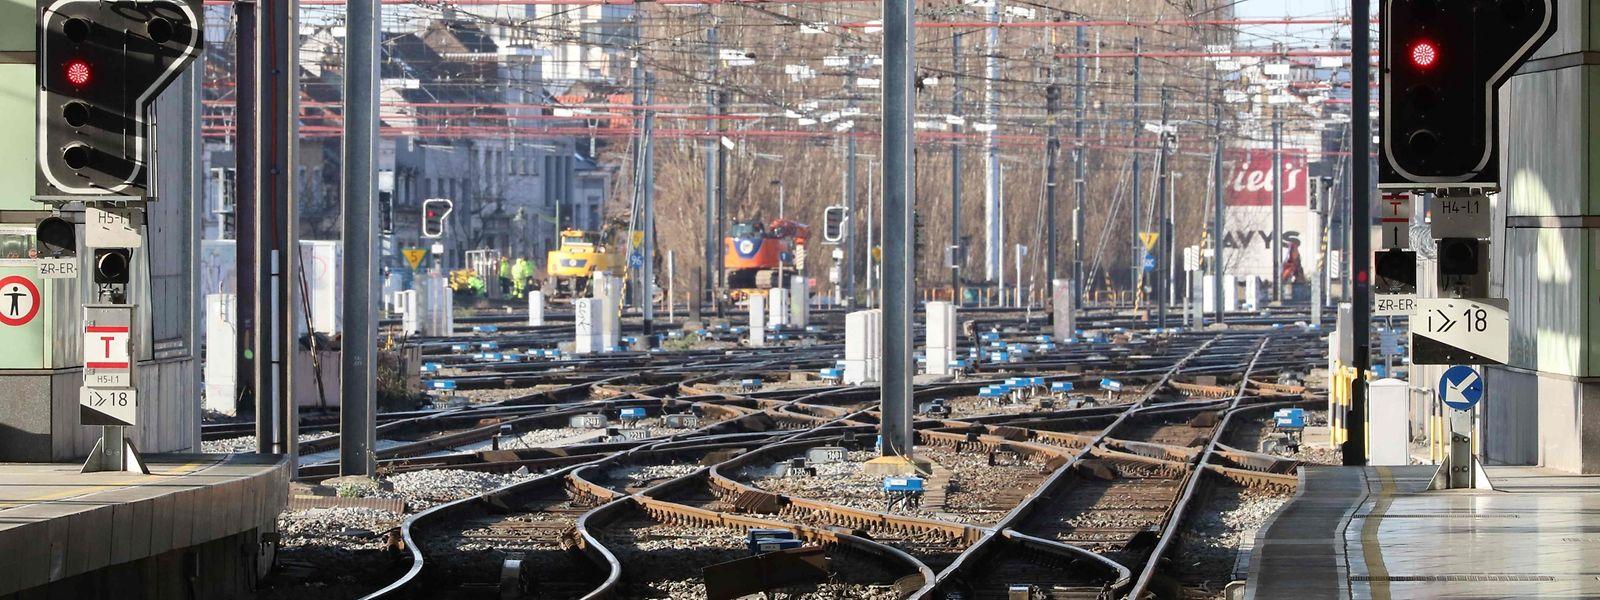 La grève interprofessionnelle a été particulièrement suivie sur le rail belge, avec à peine un train sur deux en circulation.